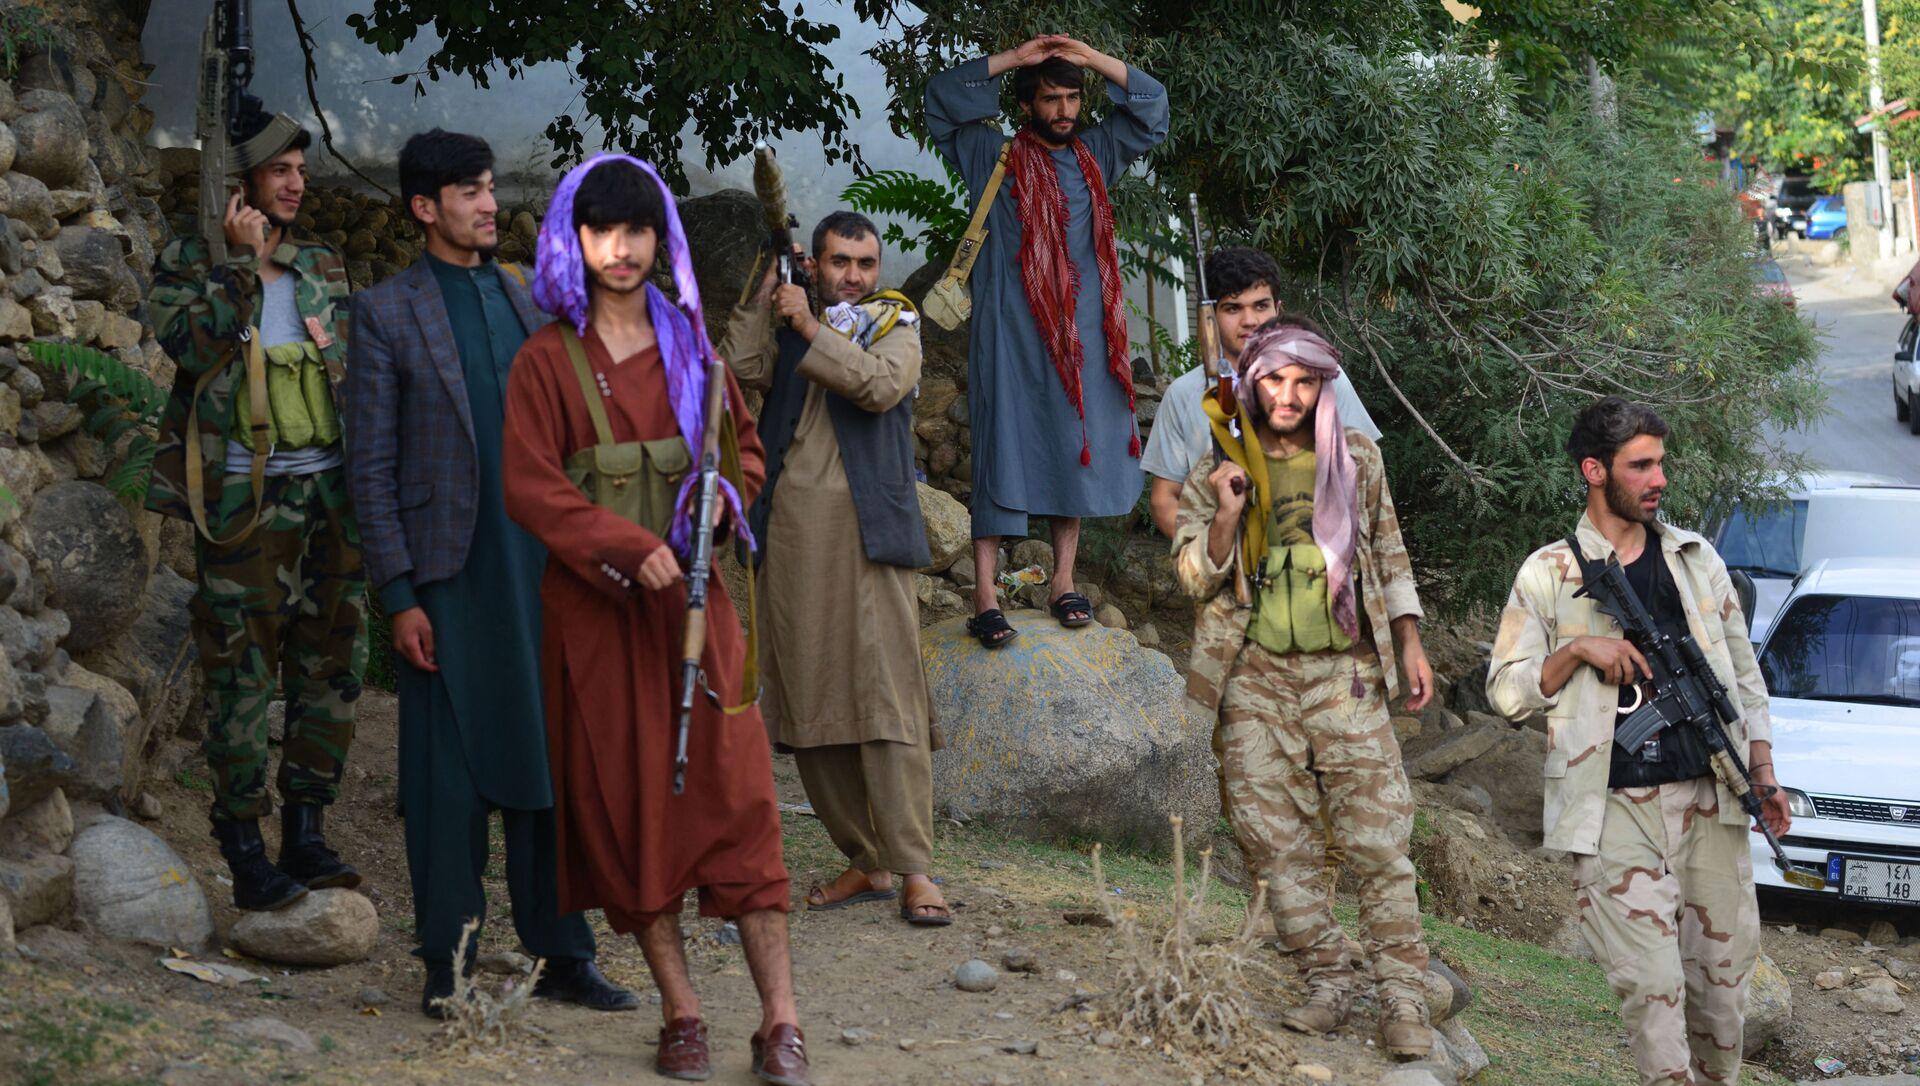 Боевики движения Талибан (террористическая группировка, запрещенная в РФ) в Кабуле - Sputnik Азербайджан, 1920, 03.09.2021